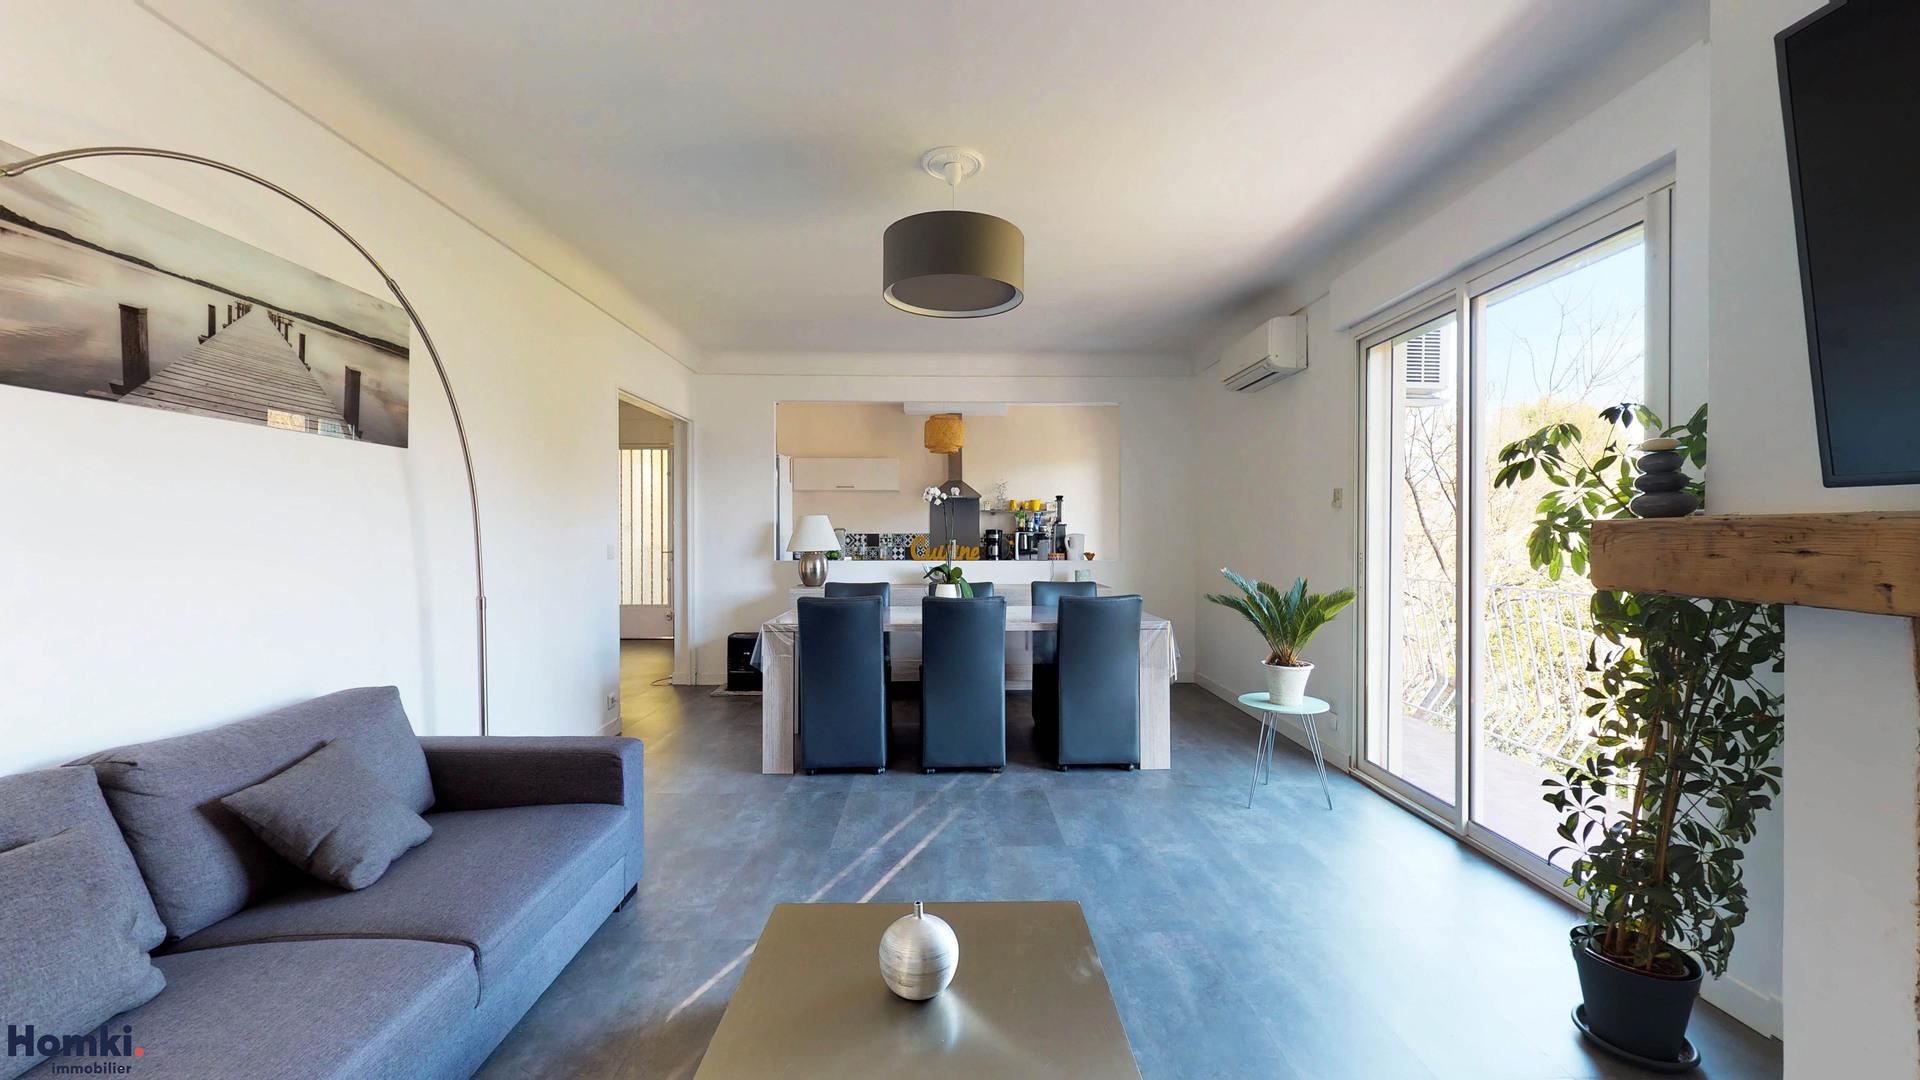 Vente Appartement 104 m² T4 13400 Aubagne_4